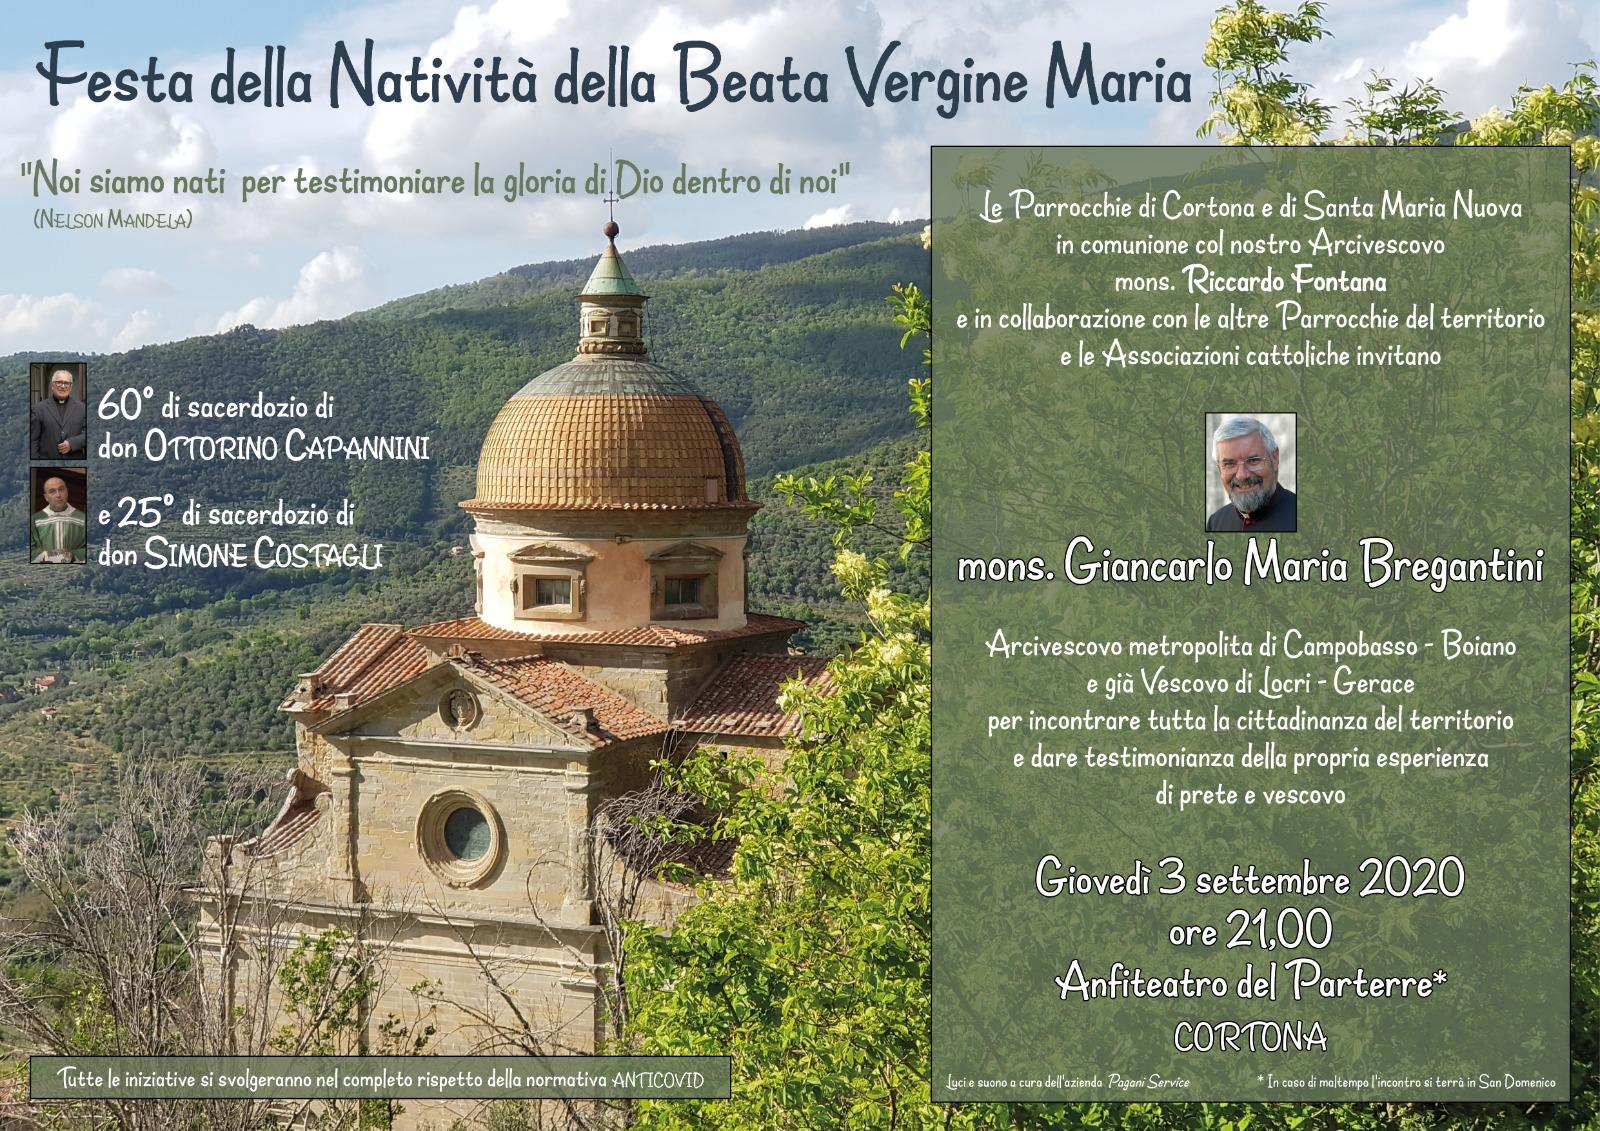 Visita del Vescovo Bregantini a Cortona giovedi 3 Settembre